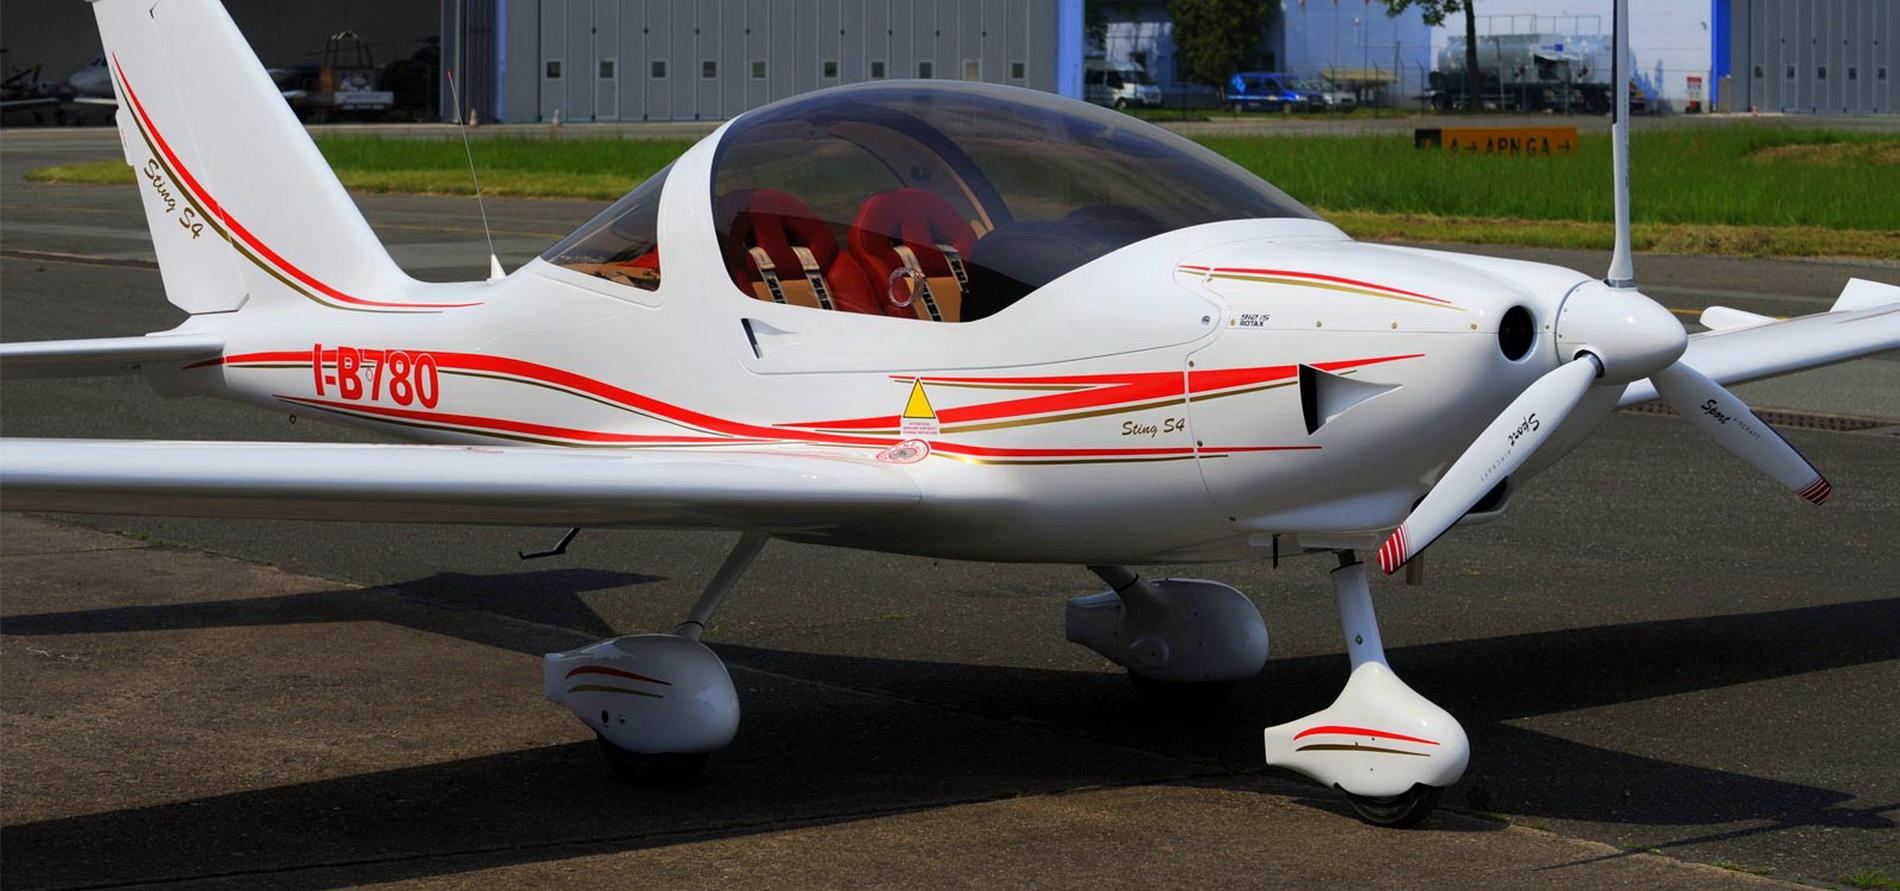 TL 2000 Sting S4